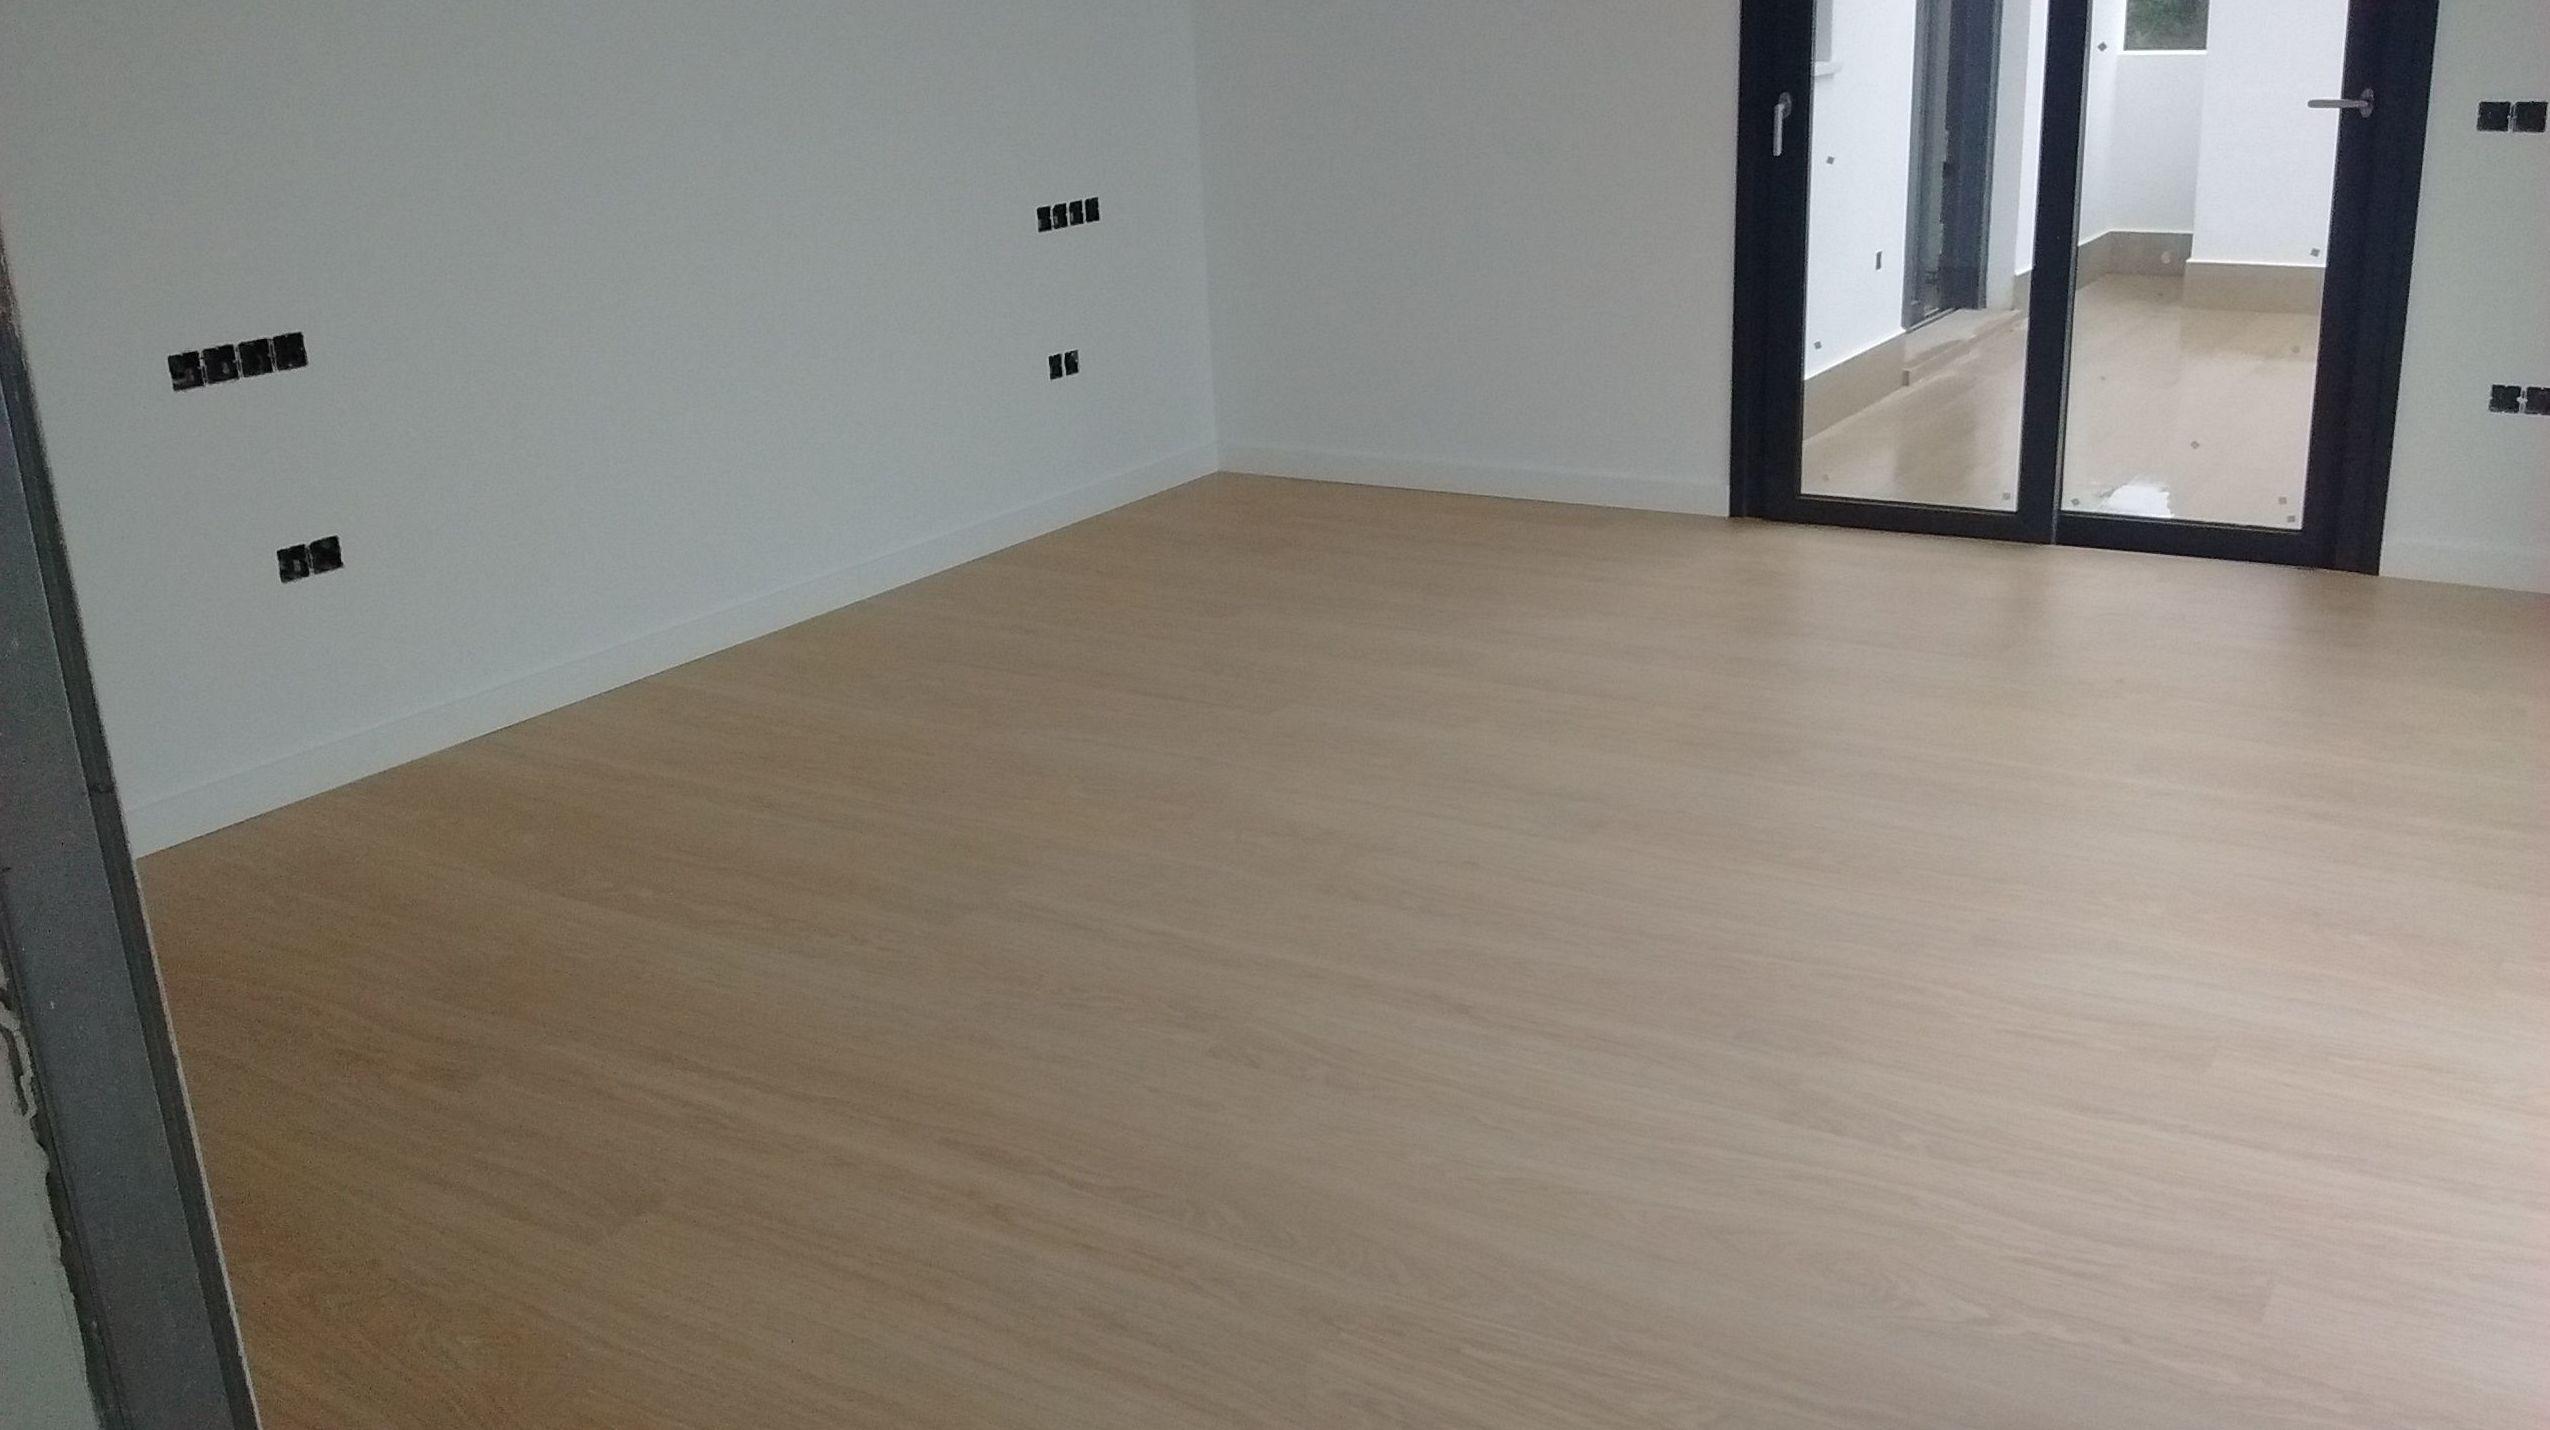 Instalación de suelo laminado Quick-Step y rodapiés de 12 cm lacados en blanco. Estepona